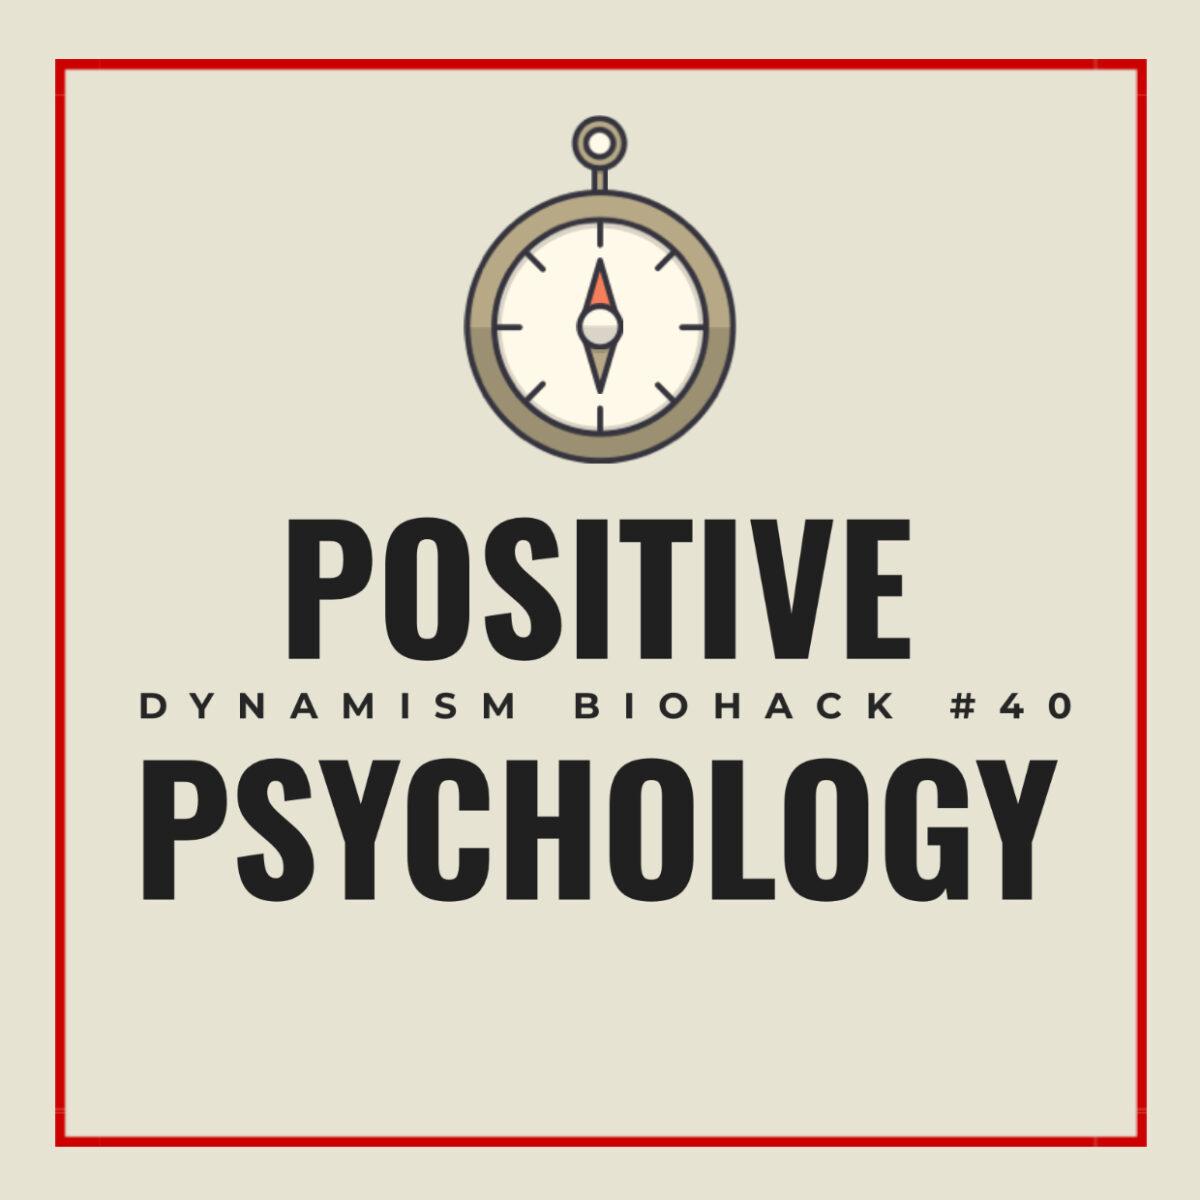 #40: Positive Psychology